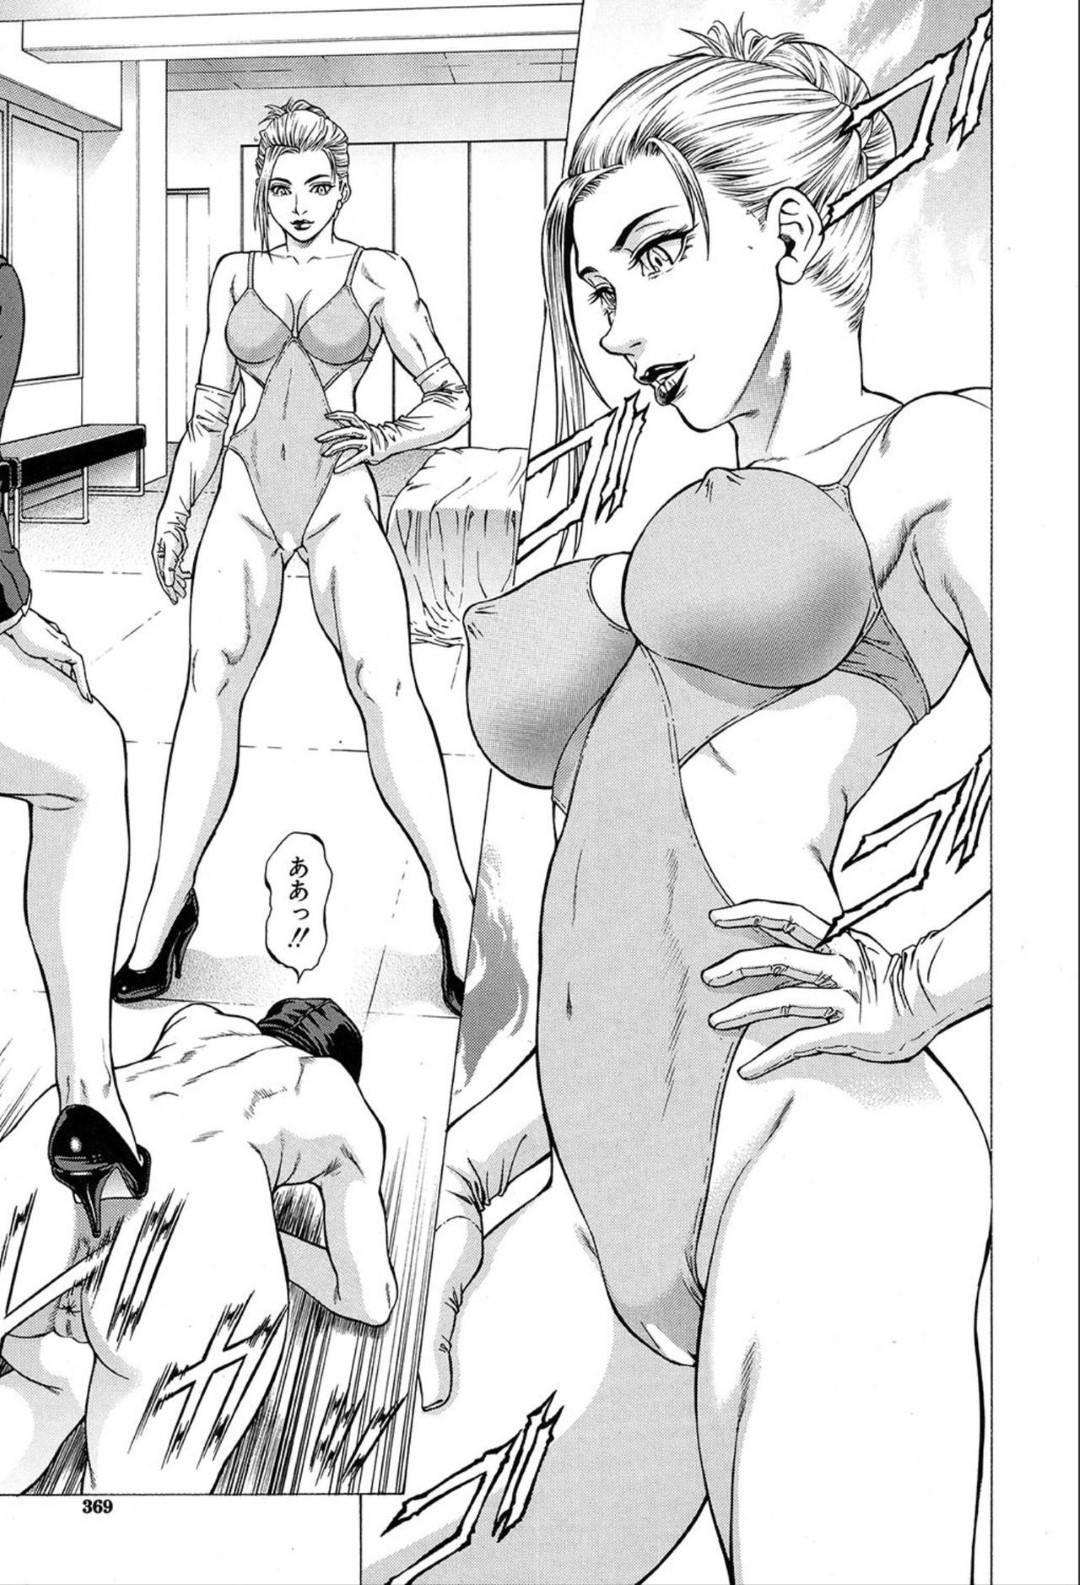 【エロ漫画】誘拐した男を逆レイプするブロンドヘアの女悪党。彼女はチンポのように肥大化したデカクリを男にイラマさせたり、アナルセックスしてメスイキさせたりと男の尊厳をずたずたにする!そして仲間の女も交えて3Pセックス!